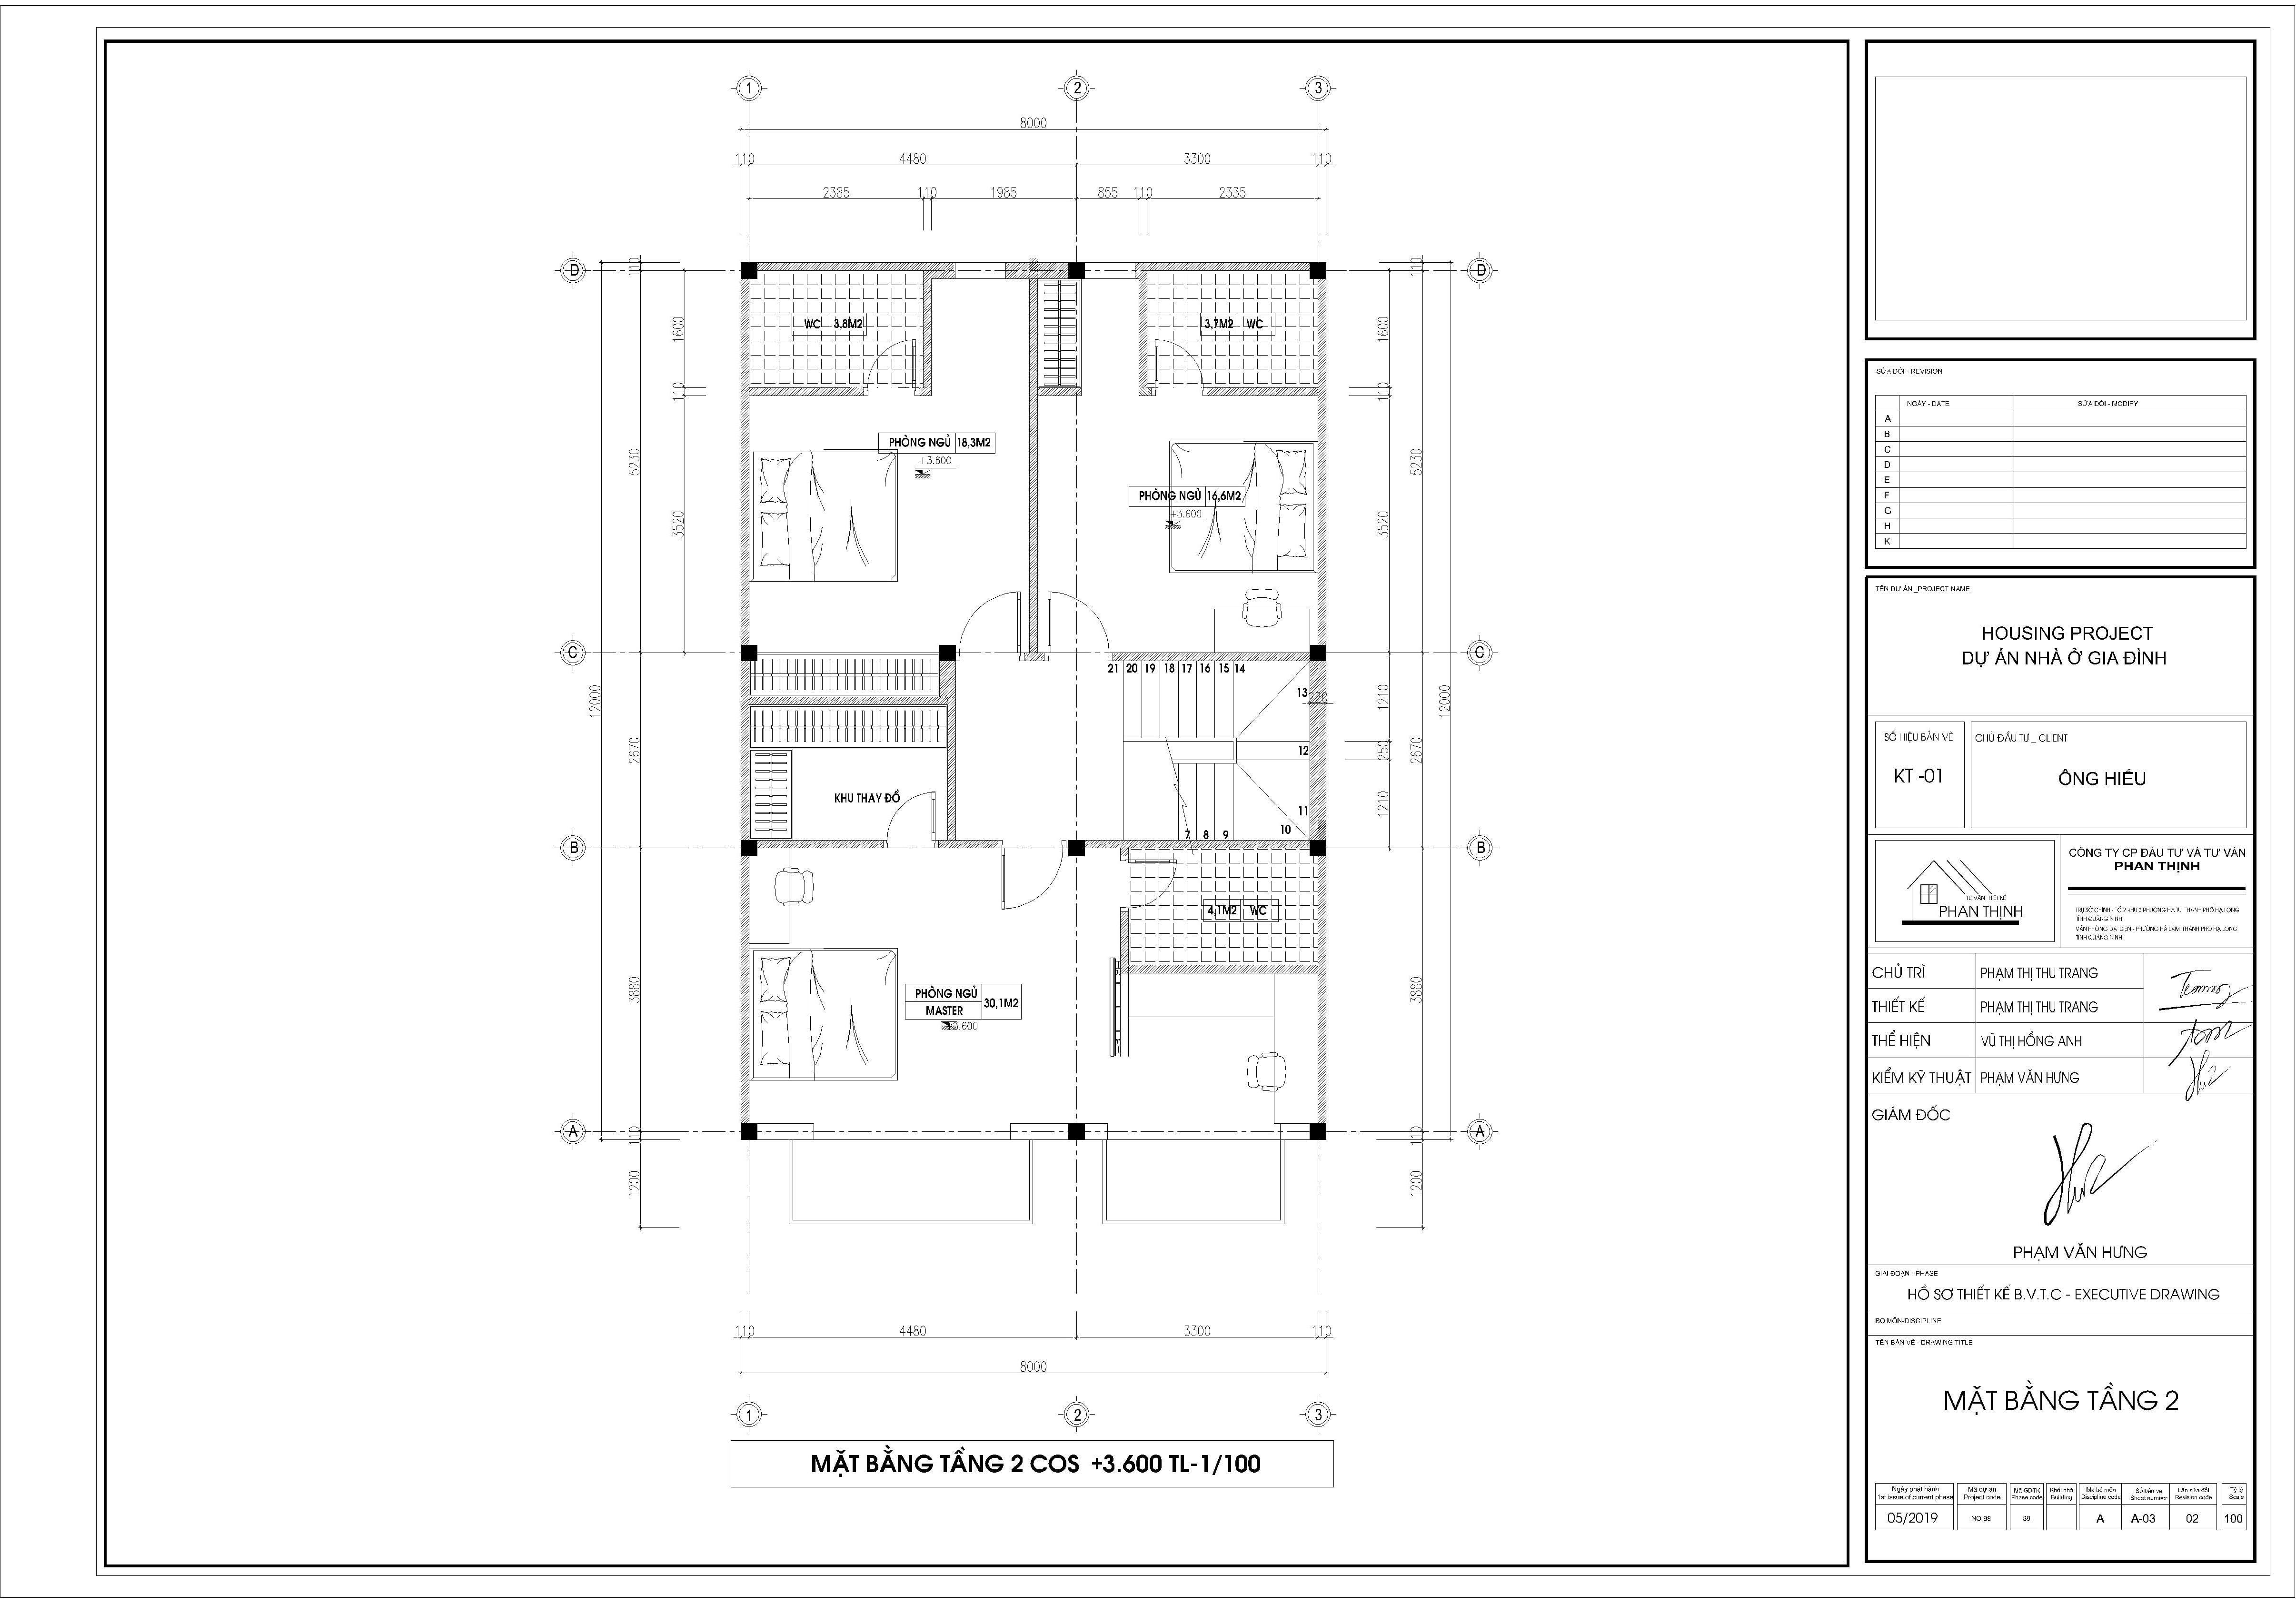 Mặt bằng thiết kế tầng 2 căn biệt thự 2 tầng tân cổ điển Quảng Ninh